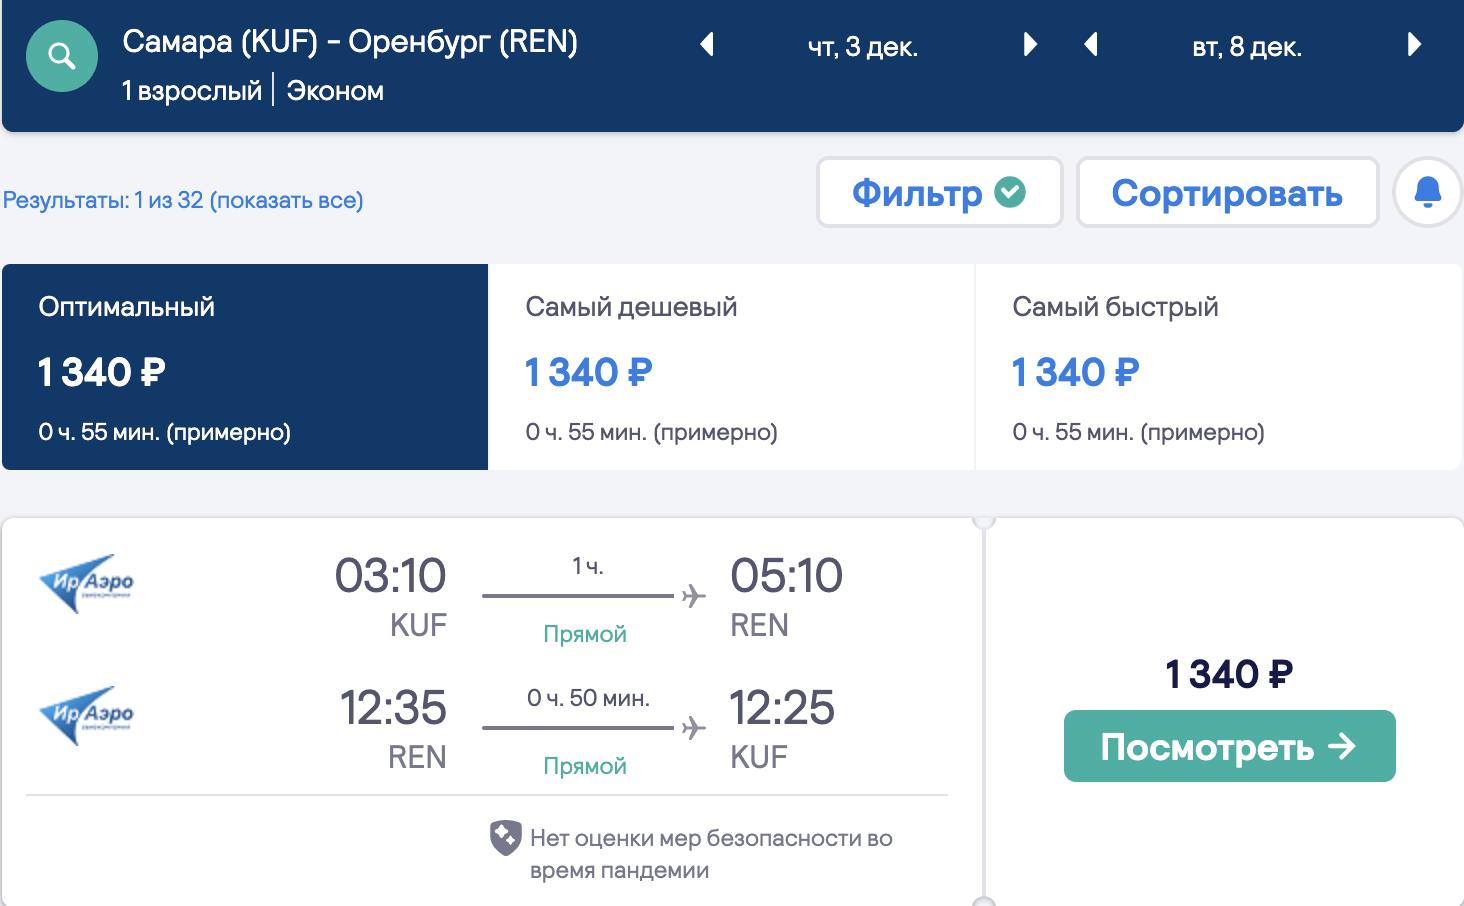 Ираэро: прямые рейсы между Оренбургом и Самарой за 1300₽ туда-обратно с багажом